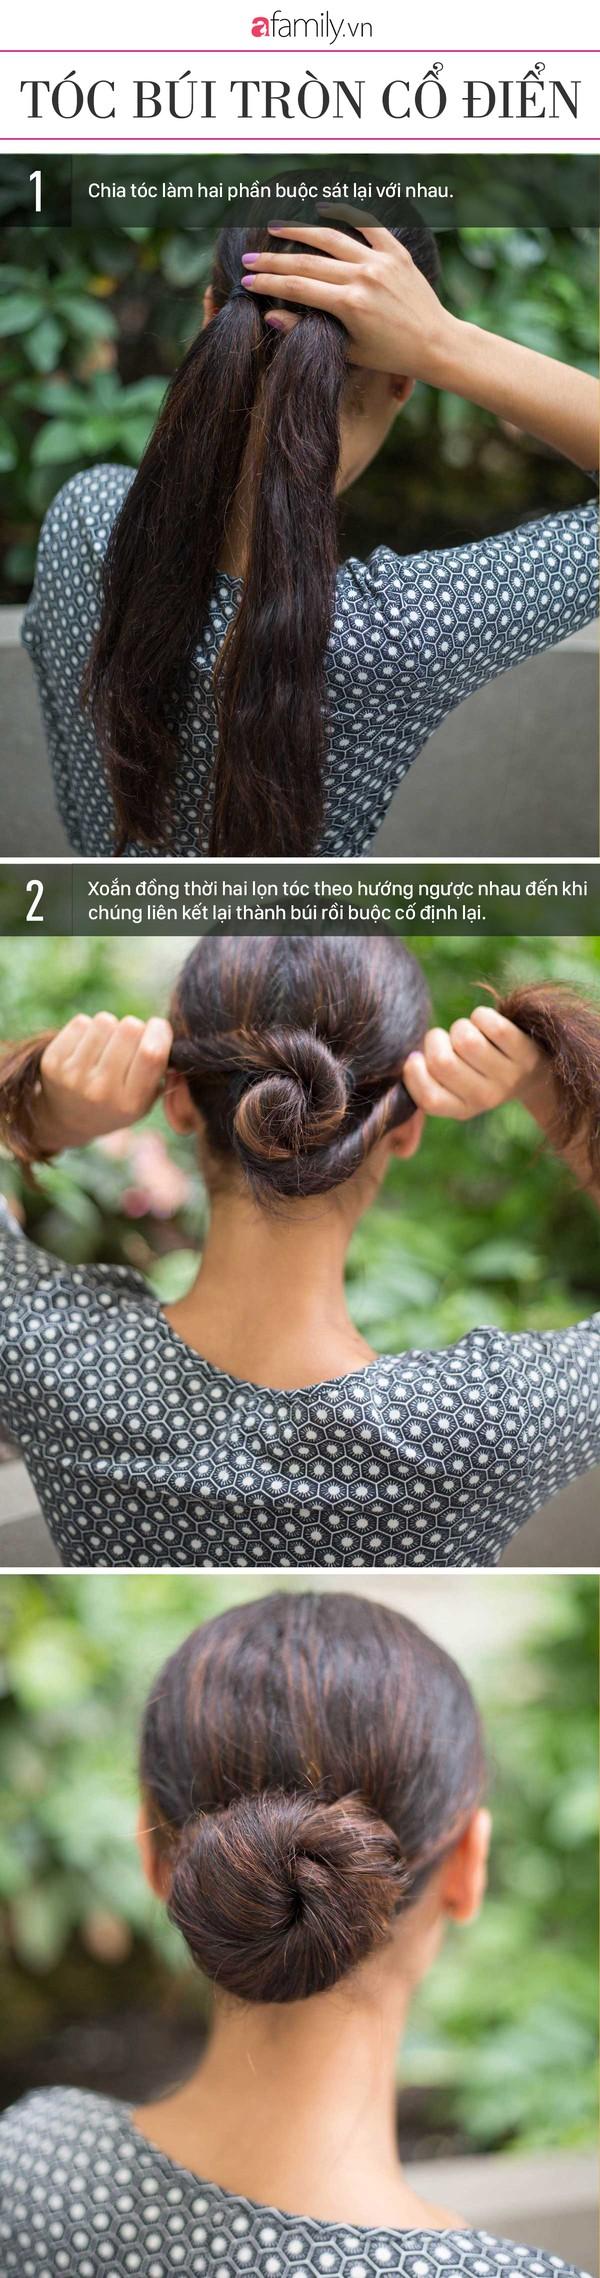 15 kiểu tóc đẹp